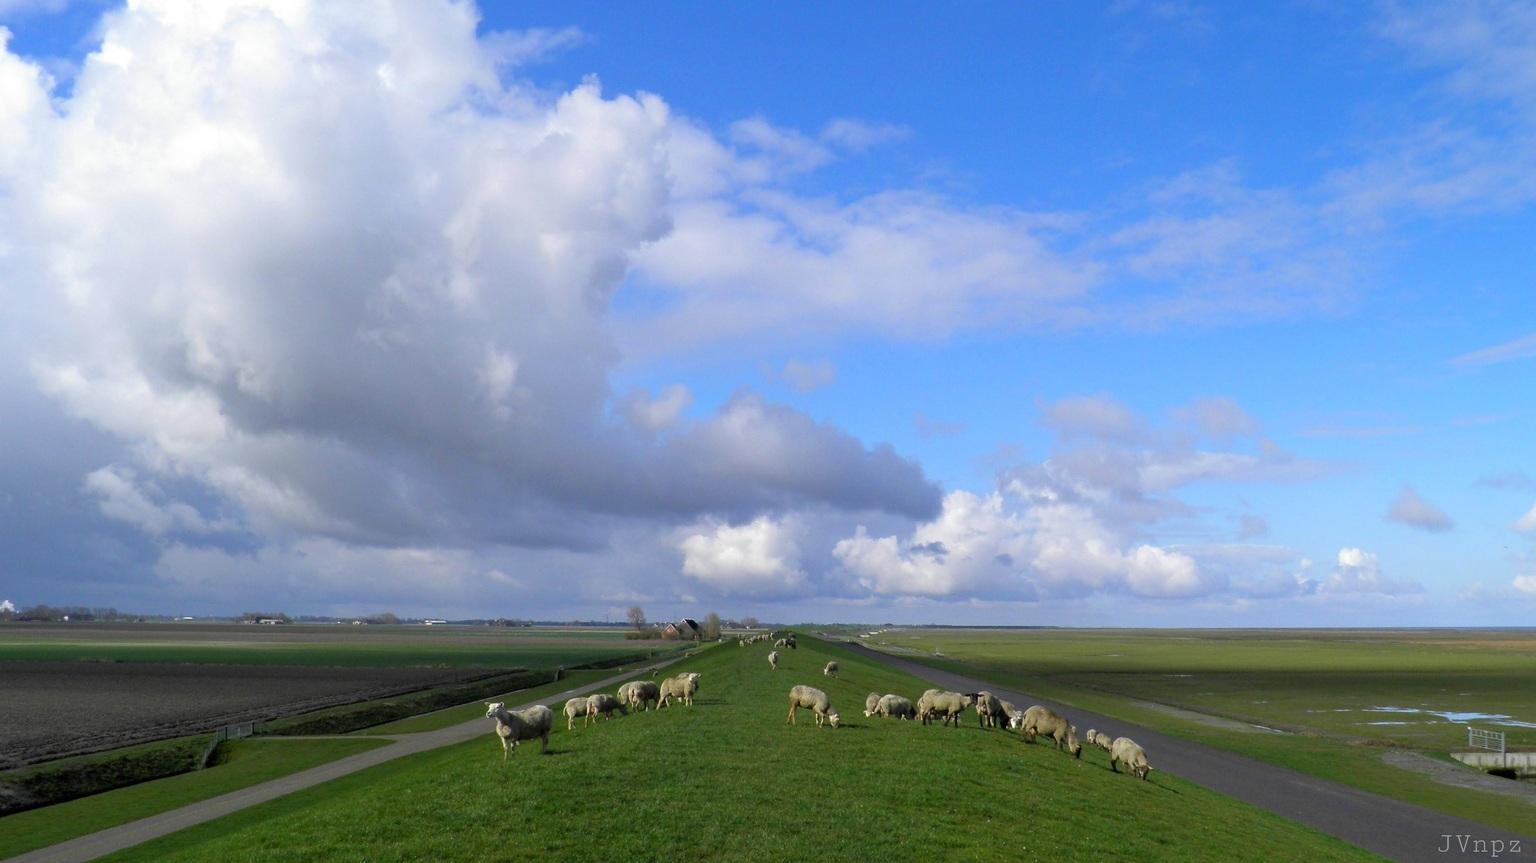 Schaapjes op het droge - Schapen op de dijk te Noordpolderzijl  - foto door Vissernpz op 14-04-2021 - deze foto bevat: schaap, wadden, dijk, kwelder, wolken, wolk, lucht, fabriek, natuurlijk landschap, land veel, hoogland, gras, cumulus, grasland, landbouw